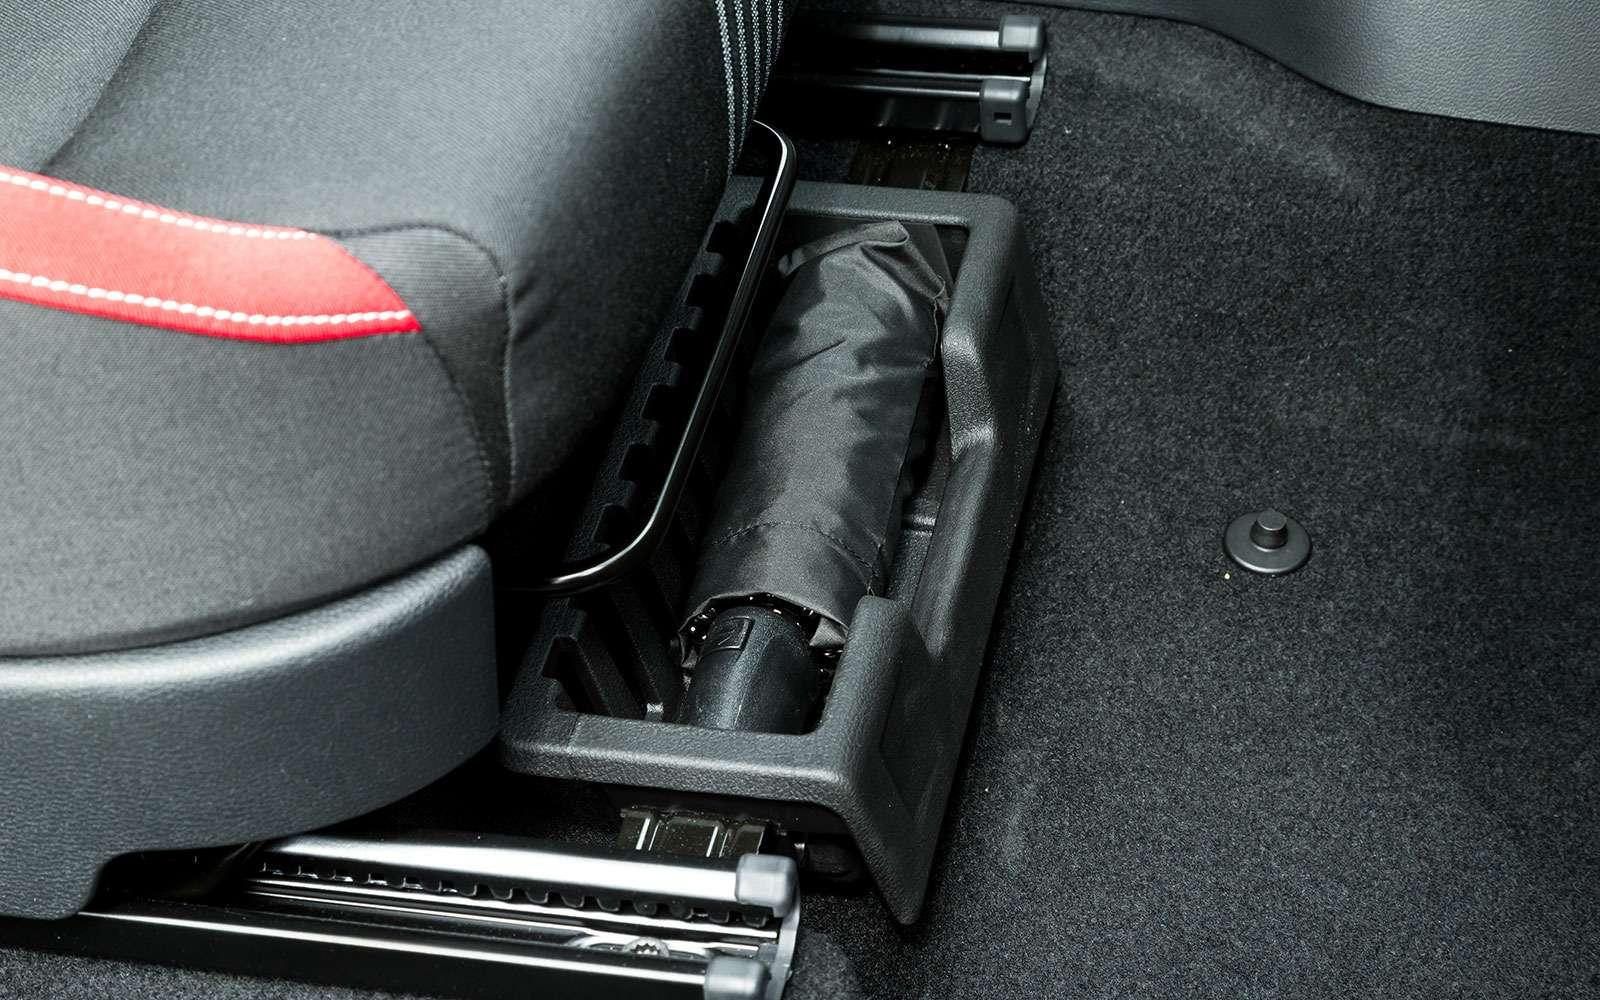 Смартфон, зонт ипрочие орудия убийства ввашем автомобиле— фото 775280